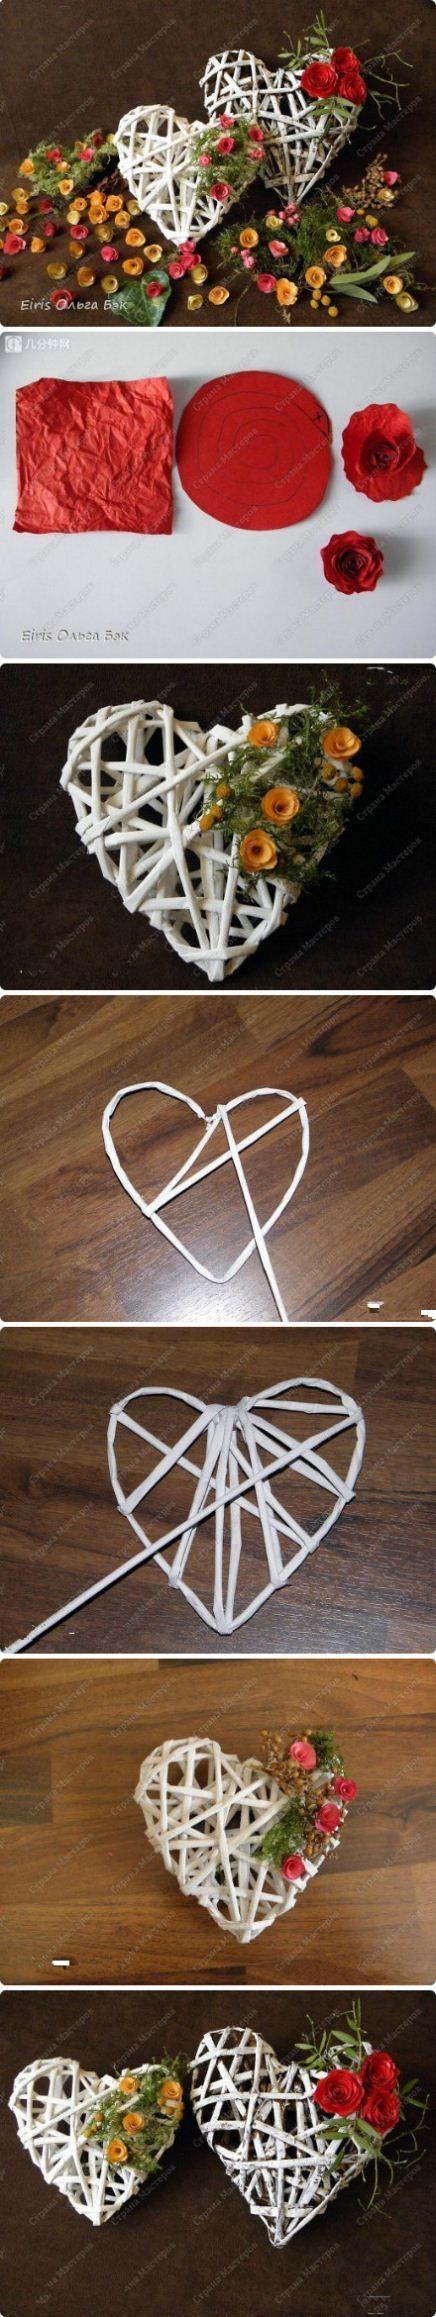 coração artesanal